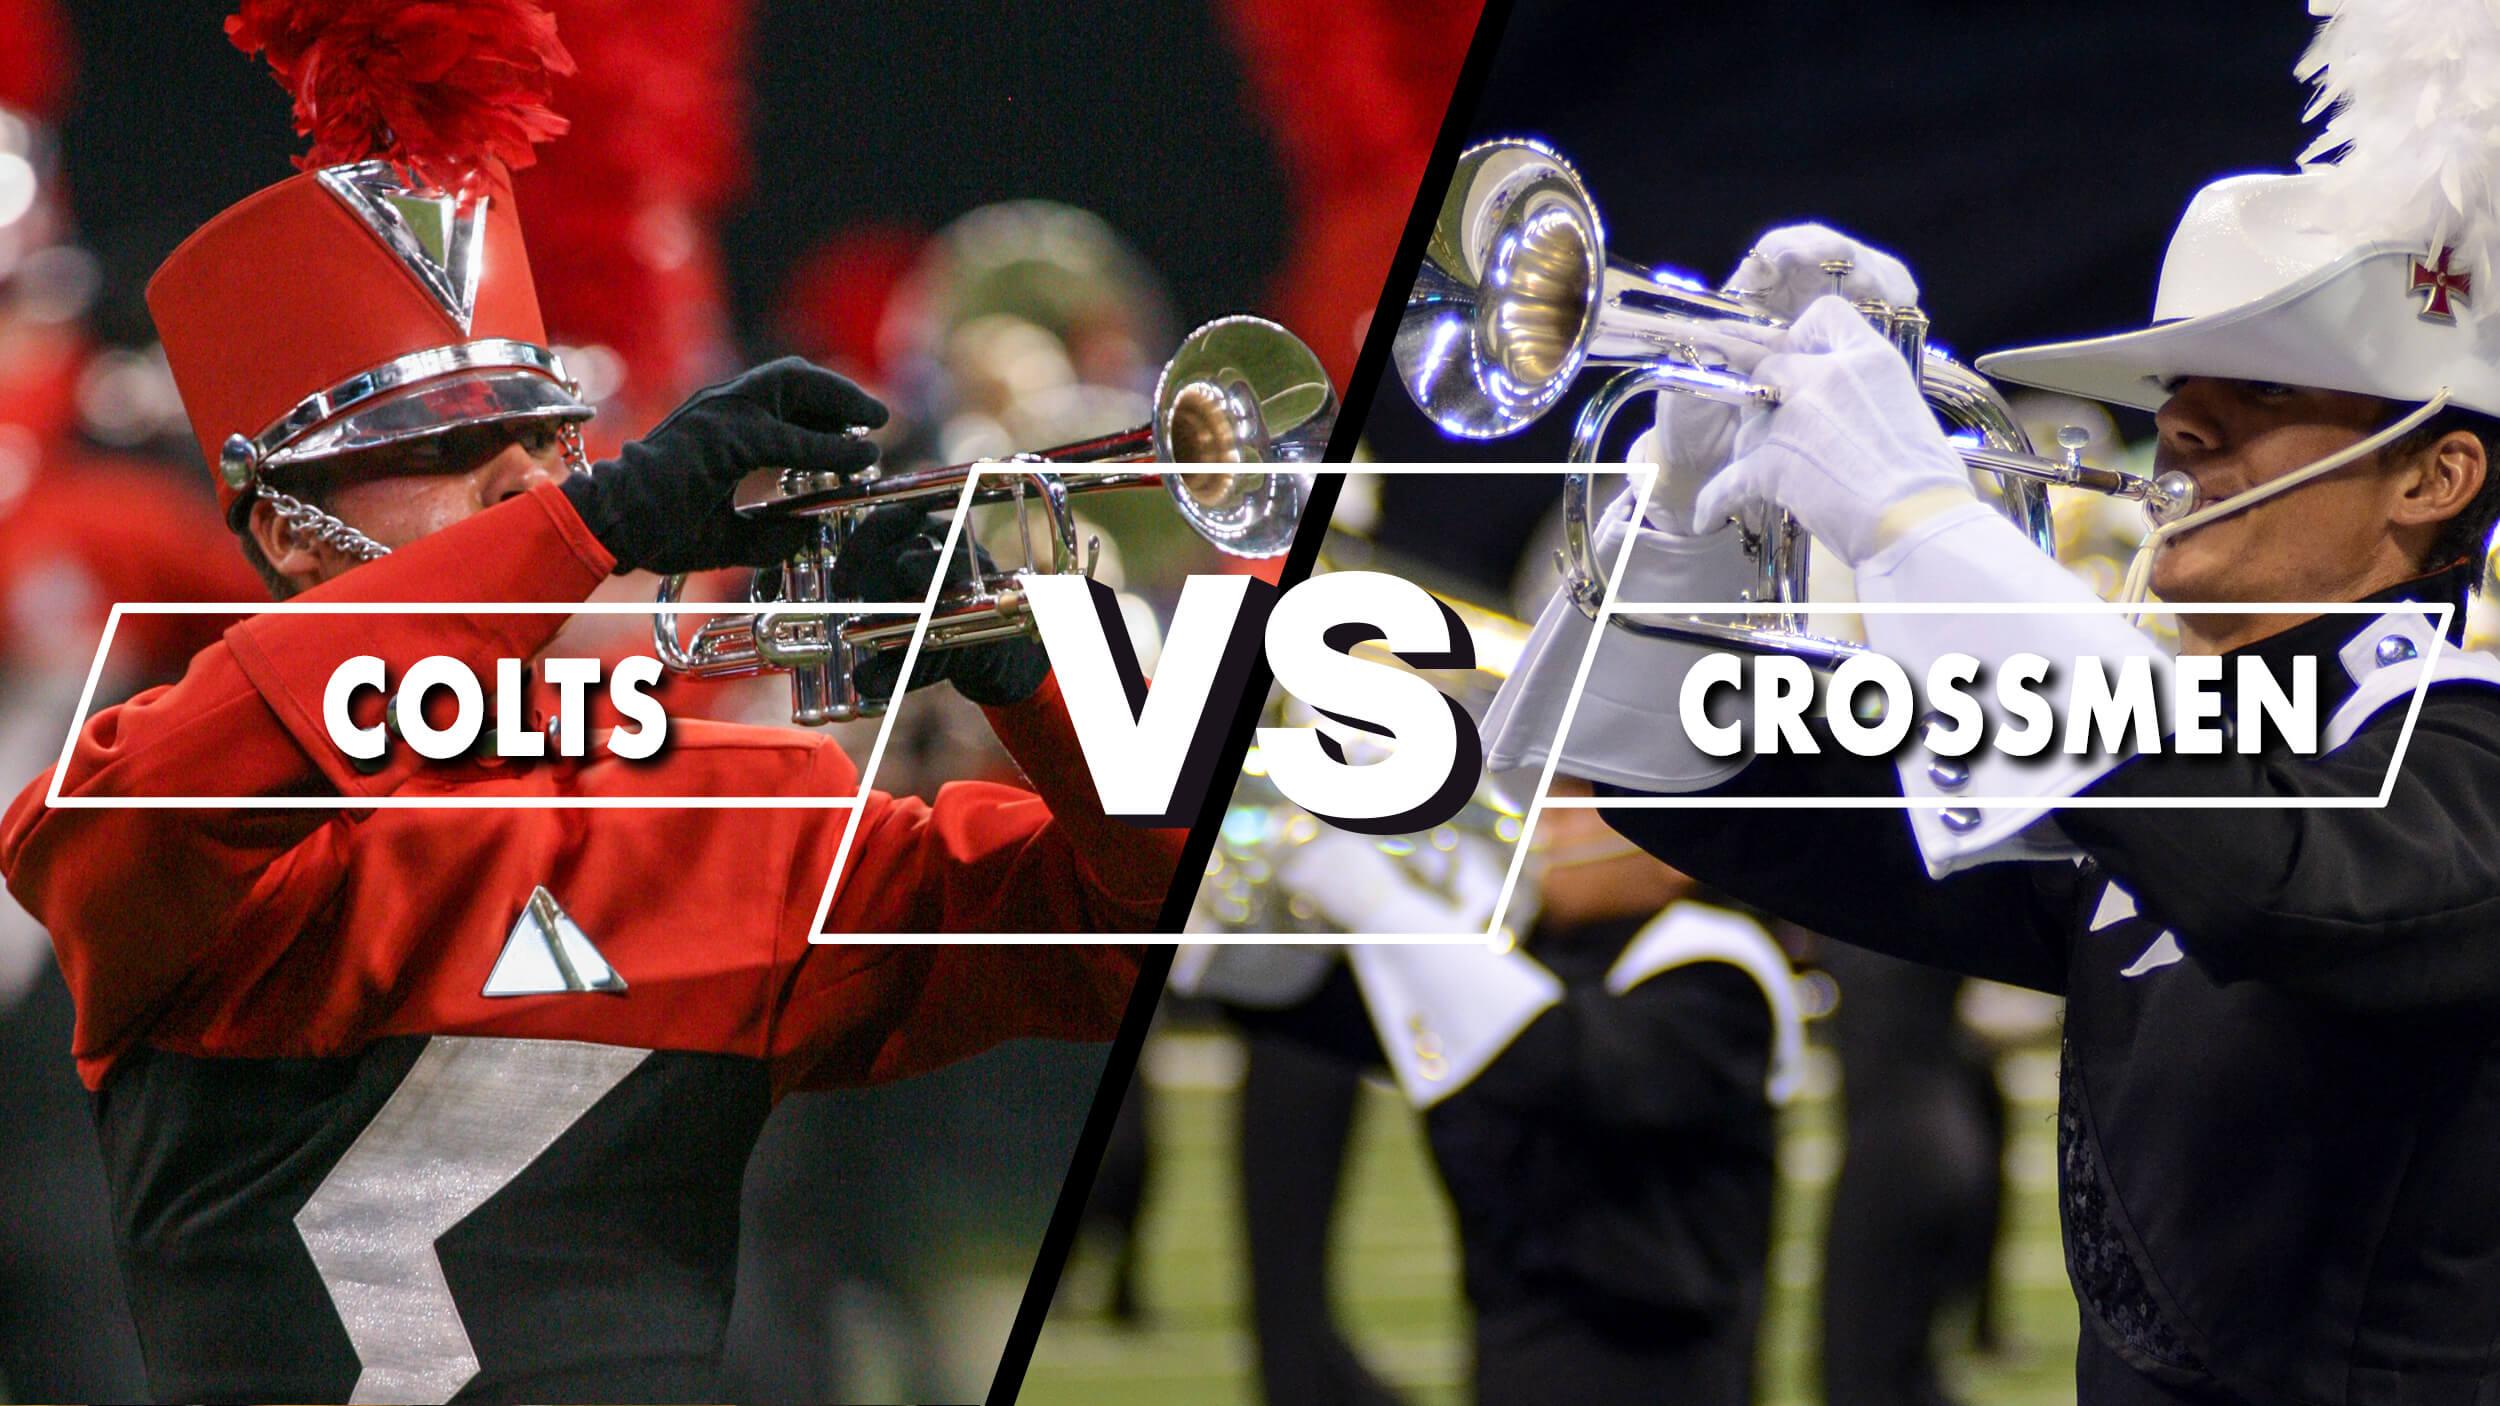 COLTS VS CROSSMEN 2011